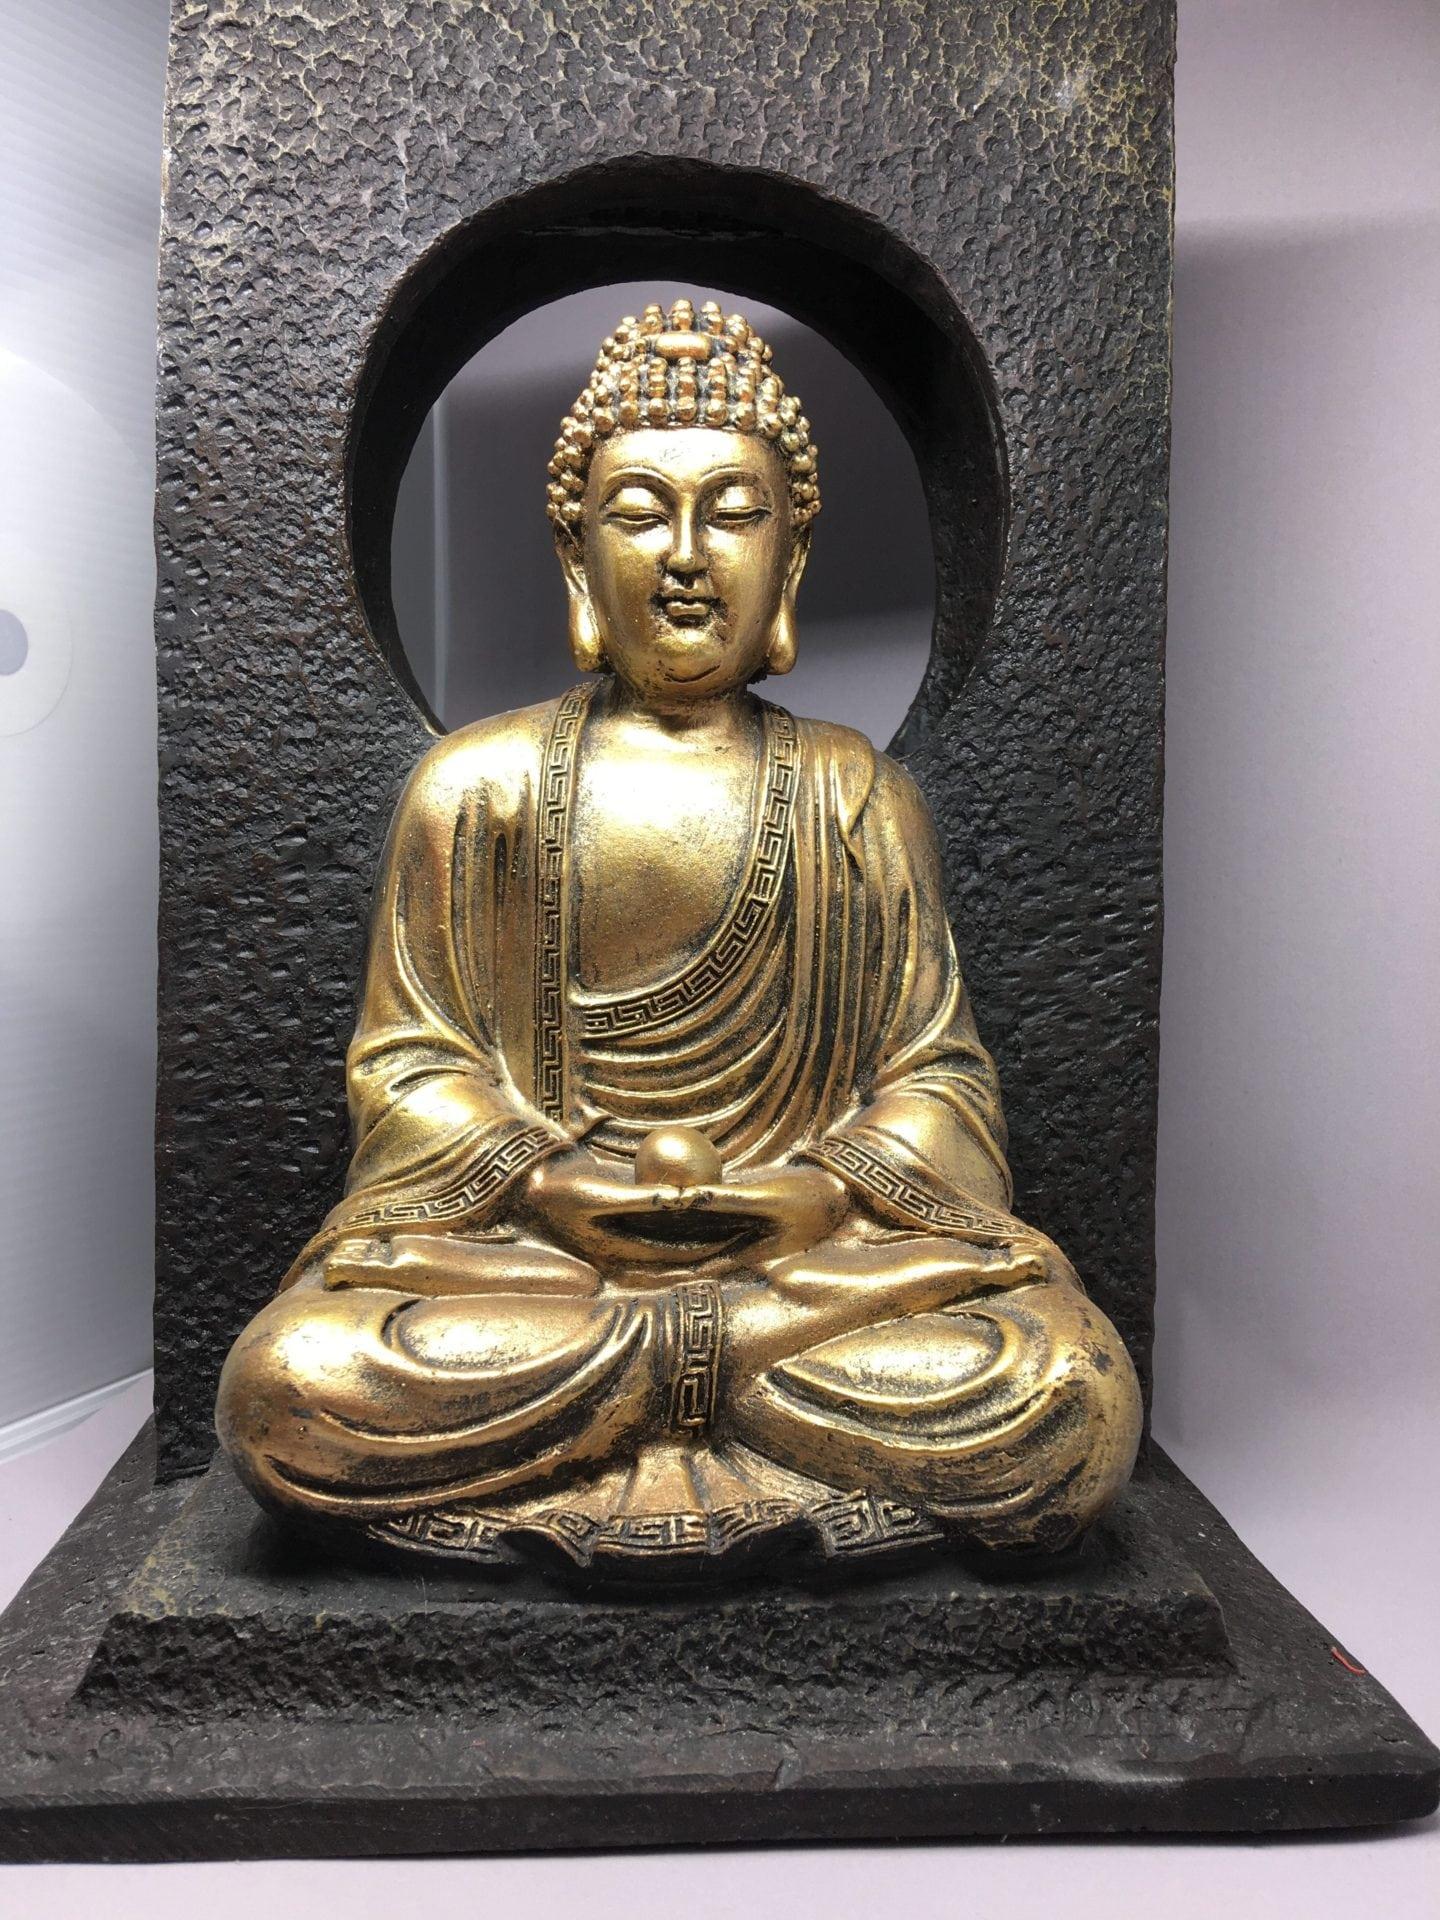 Wisdom Buddha Water Feature Rain Drop Waterfall Effect